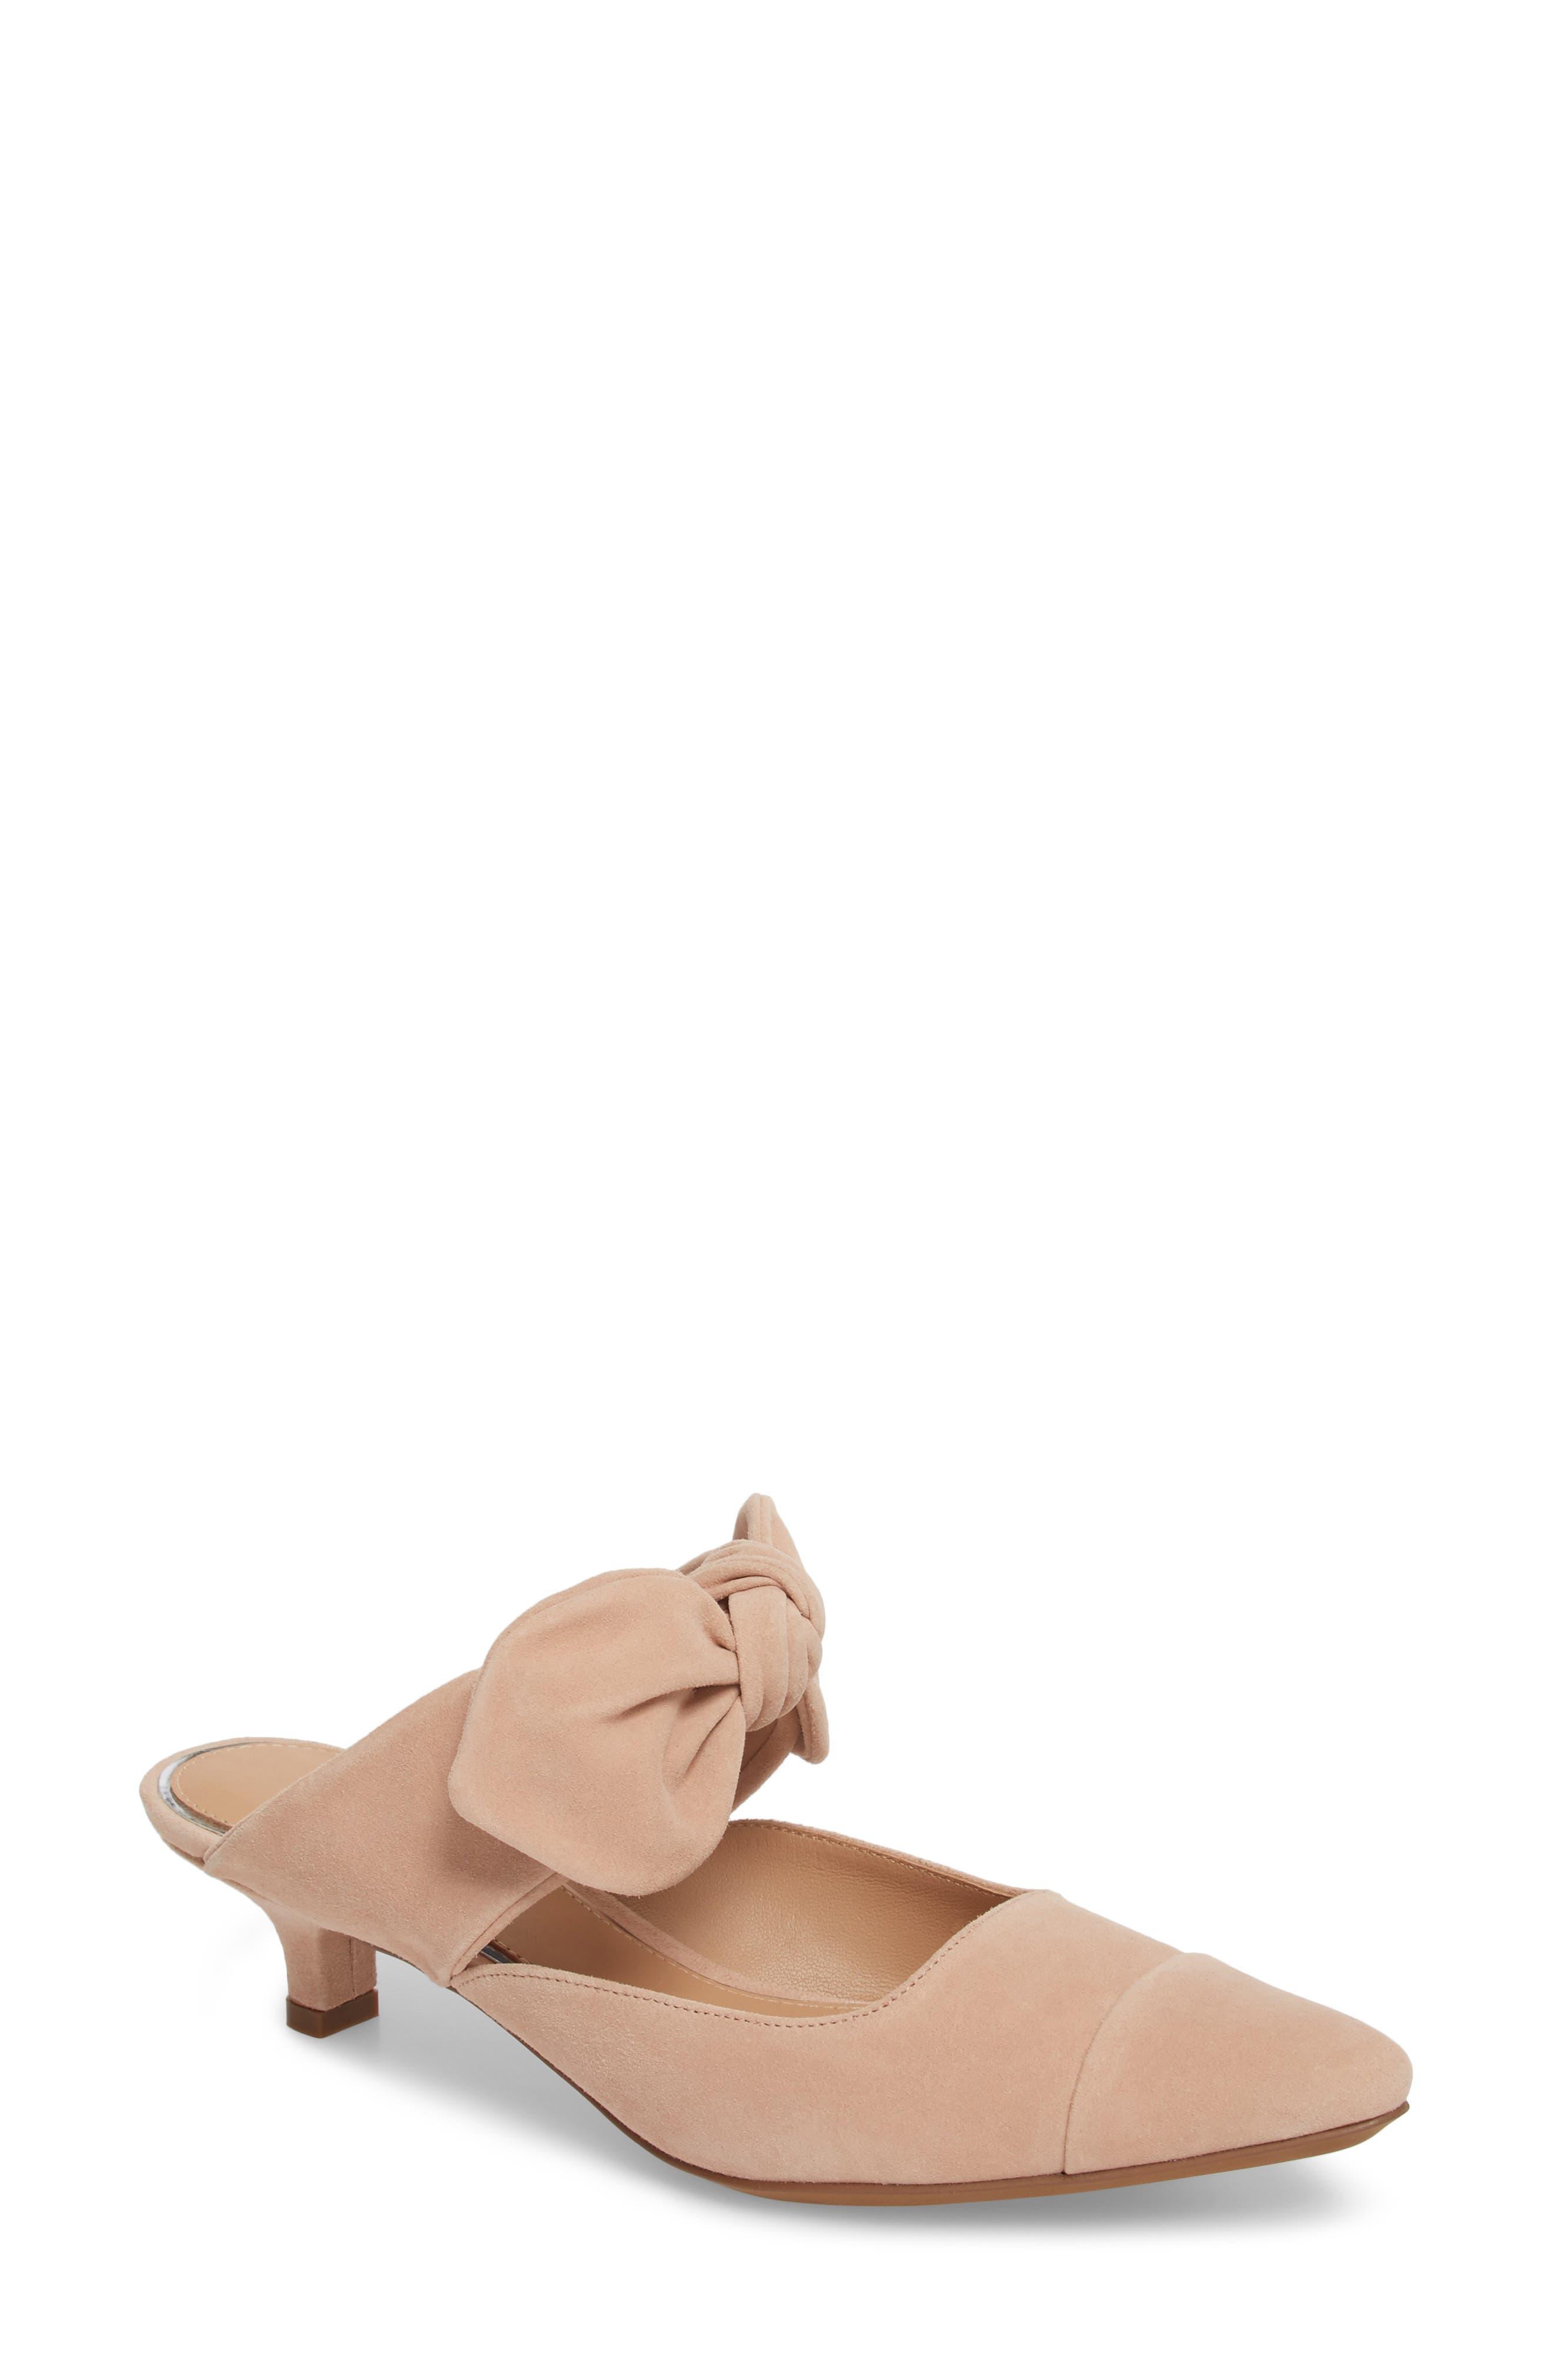 Crissy Pump,                         Main,                         color, Nude Suede